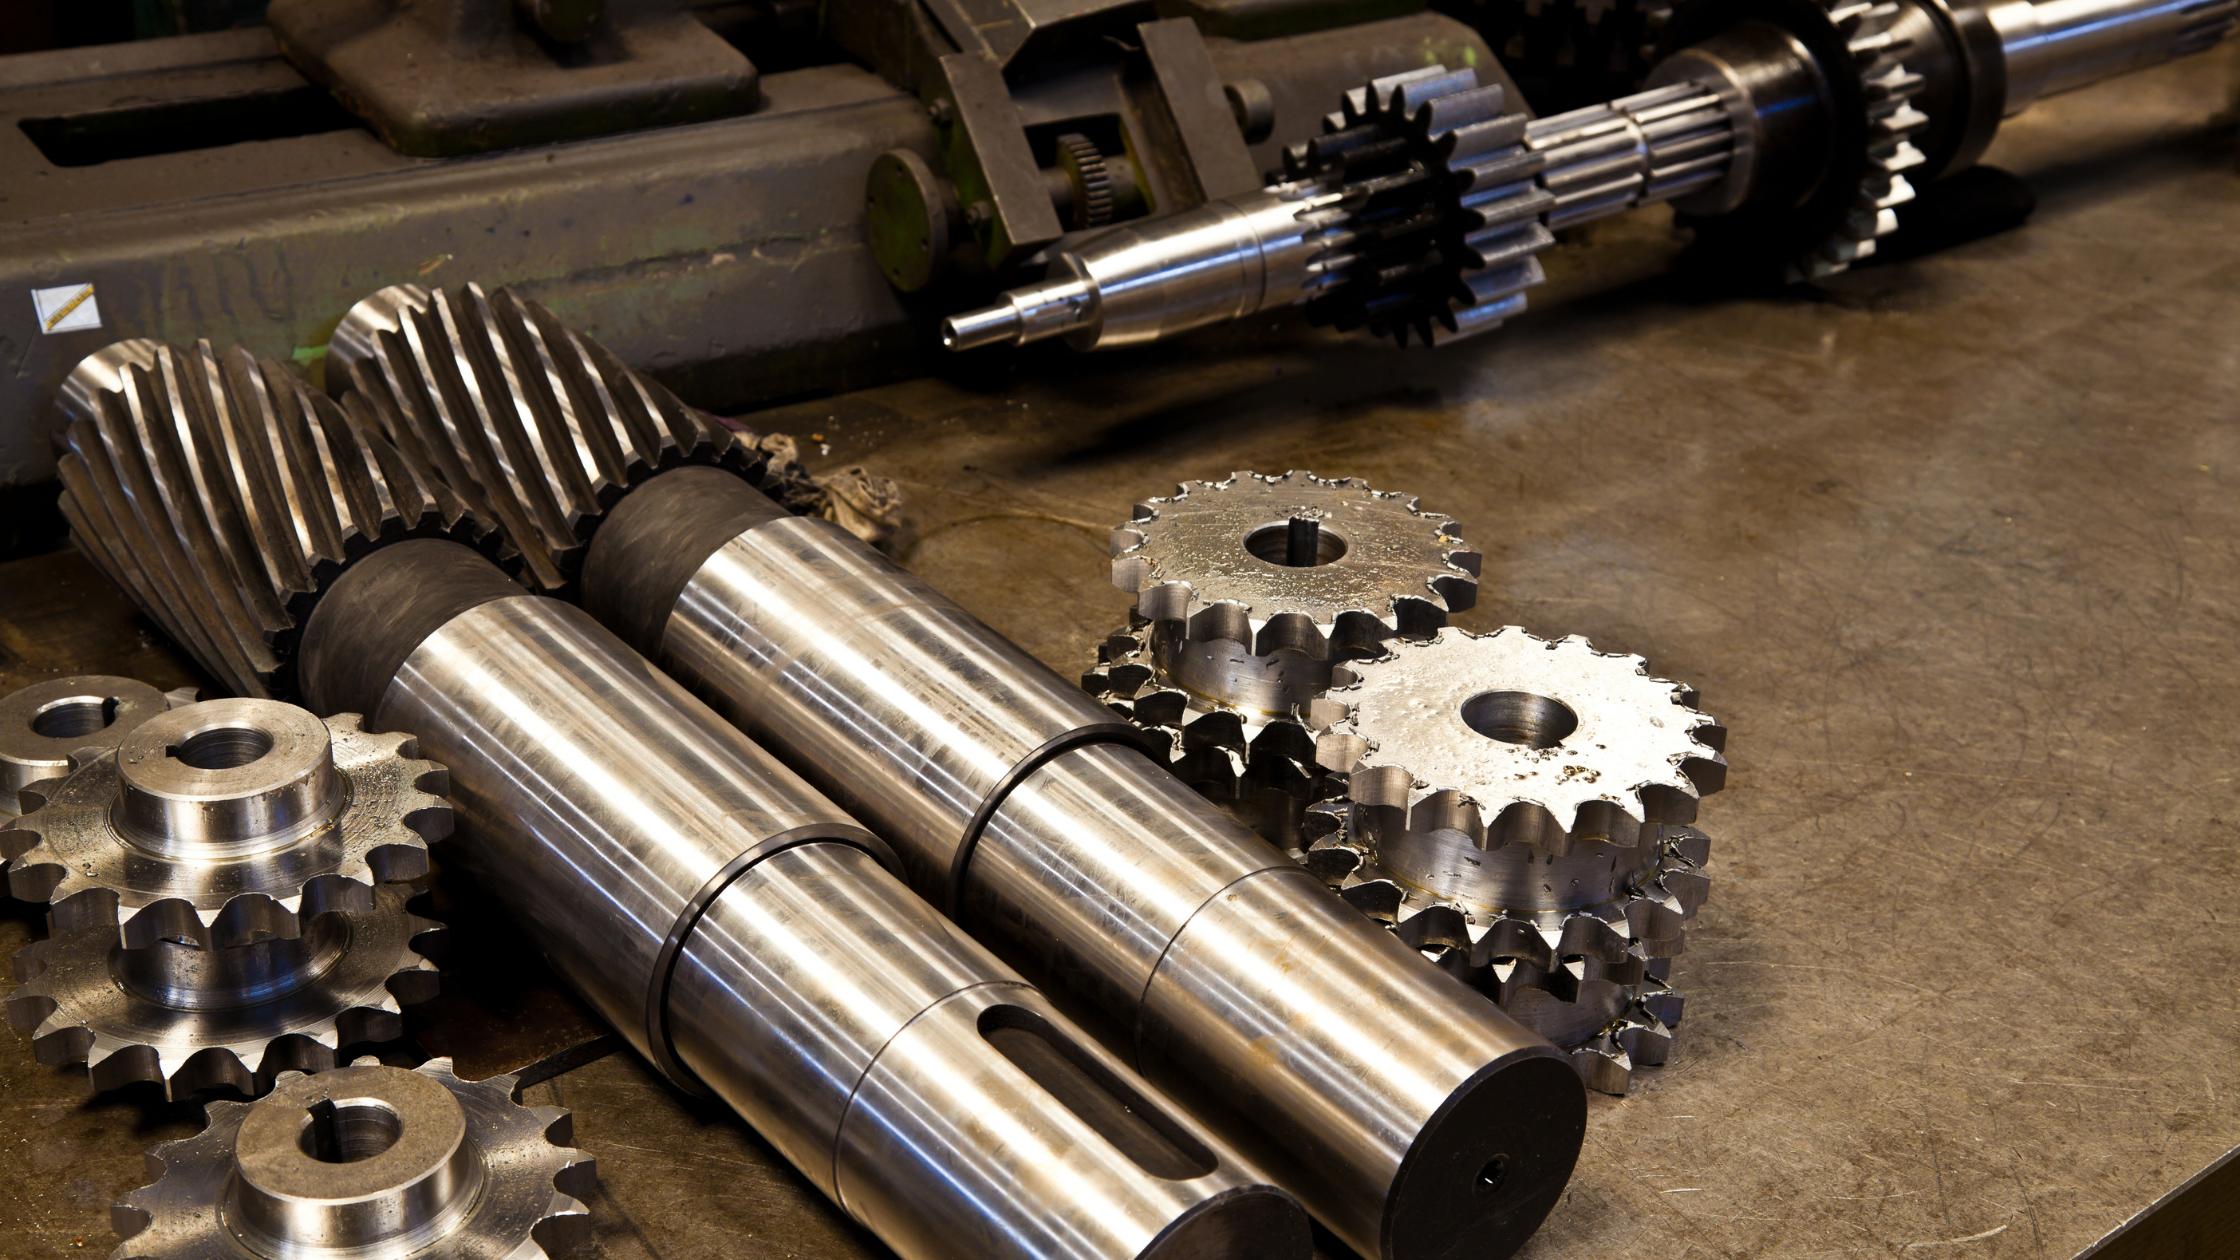 Rebuilt Commercial Compressors